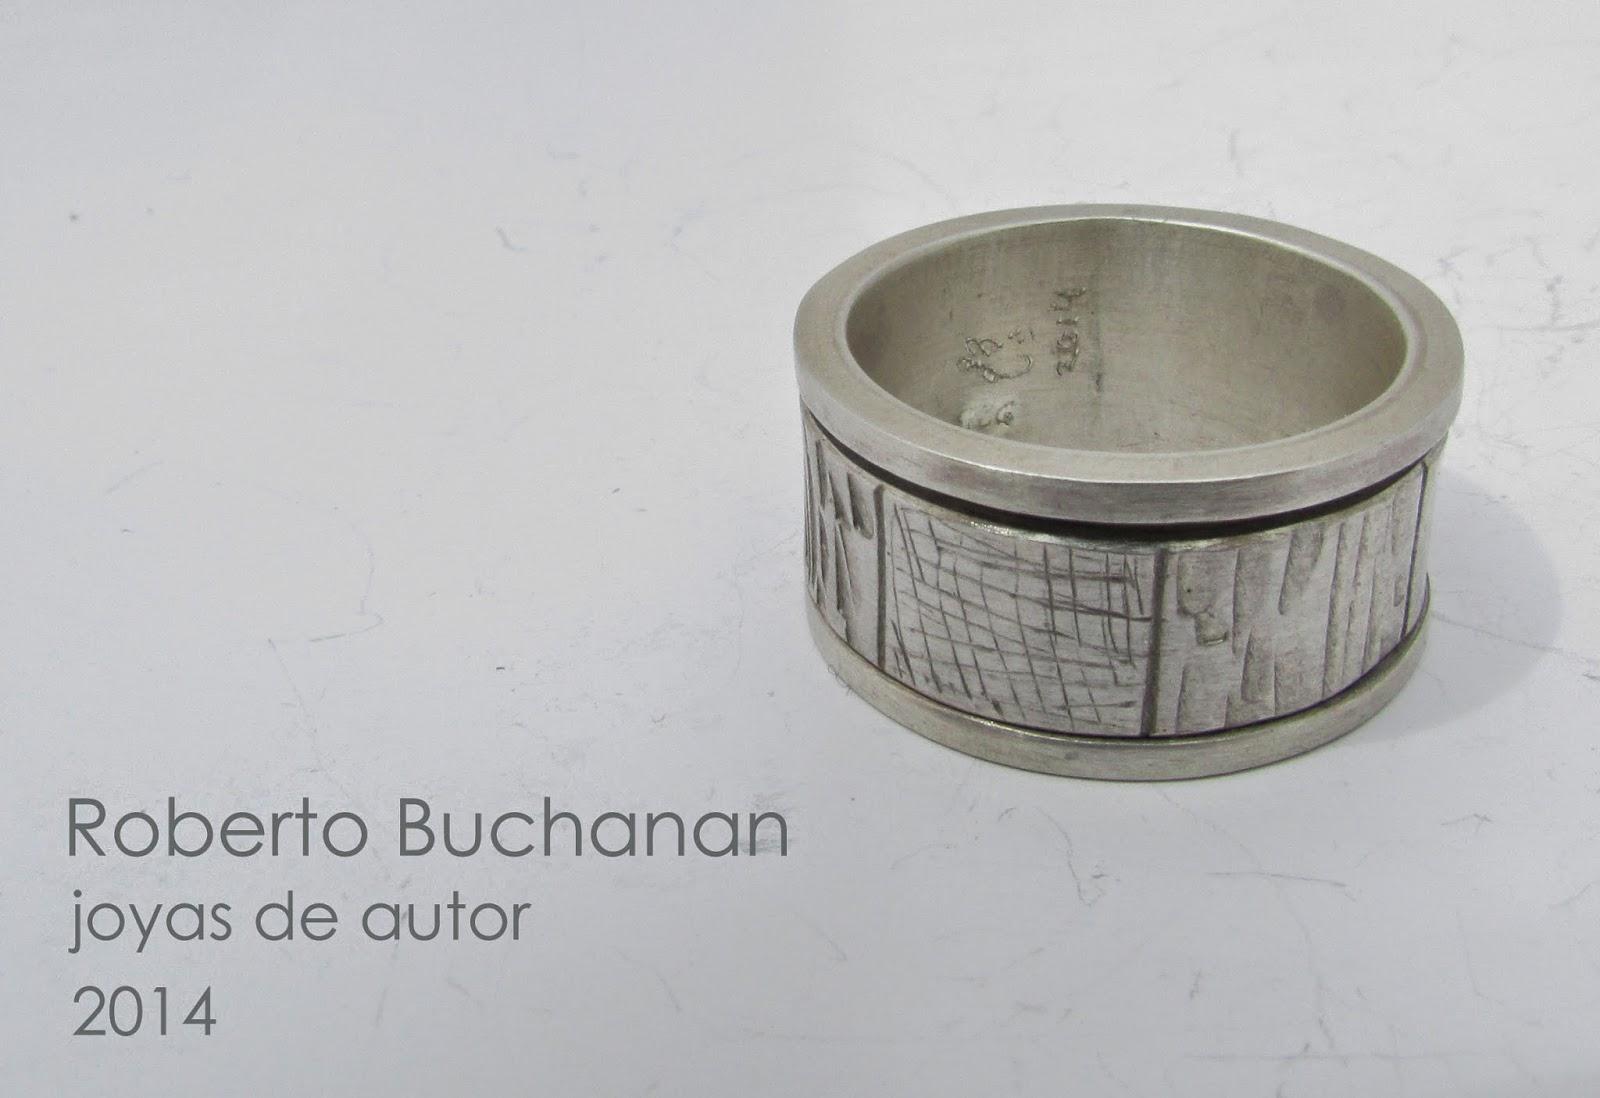 imagenes de anillos de hombre - Los mejores anillos de compromiso Top 40 [FOTOS] Ella